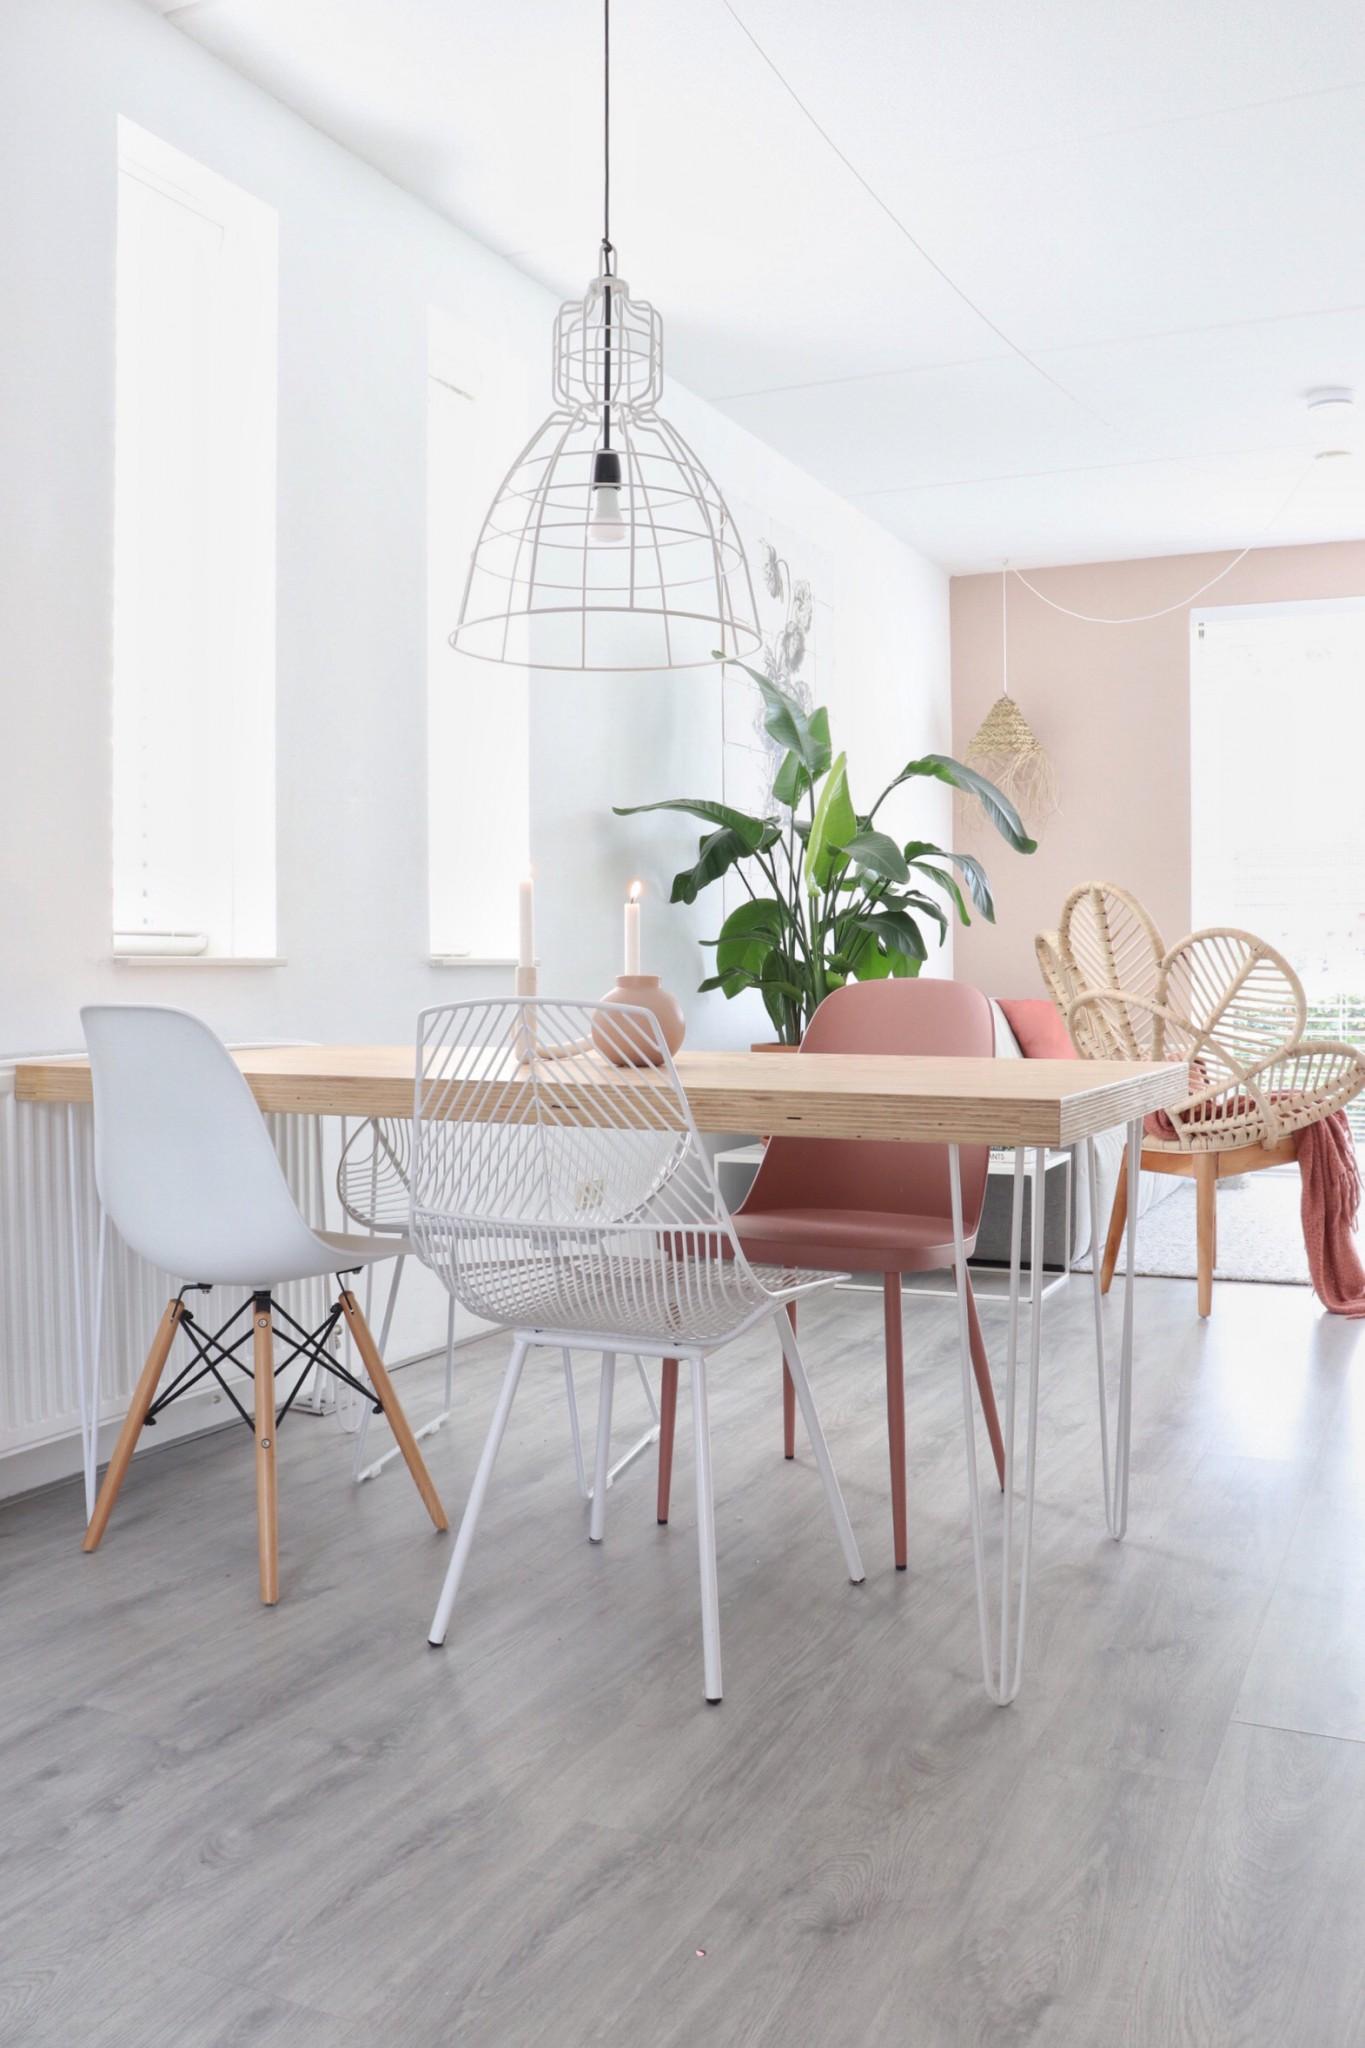 rechthoekige eettafel in een kleine woonkamer